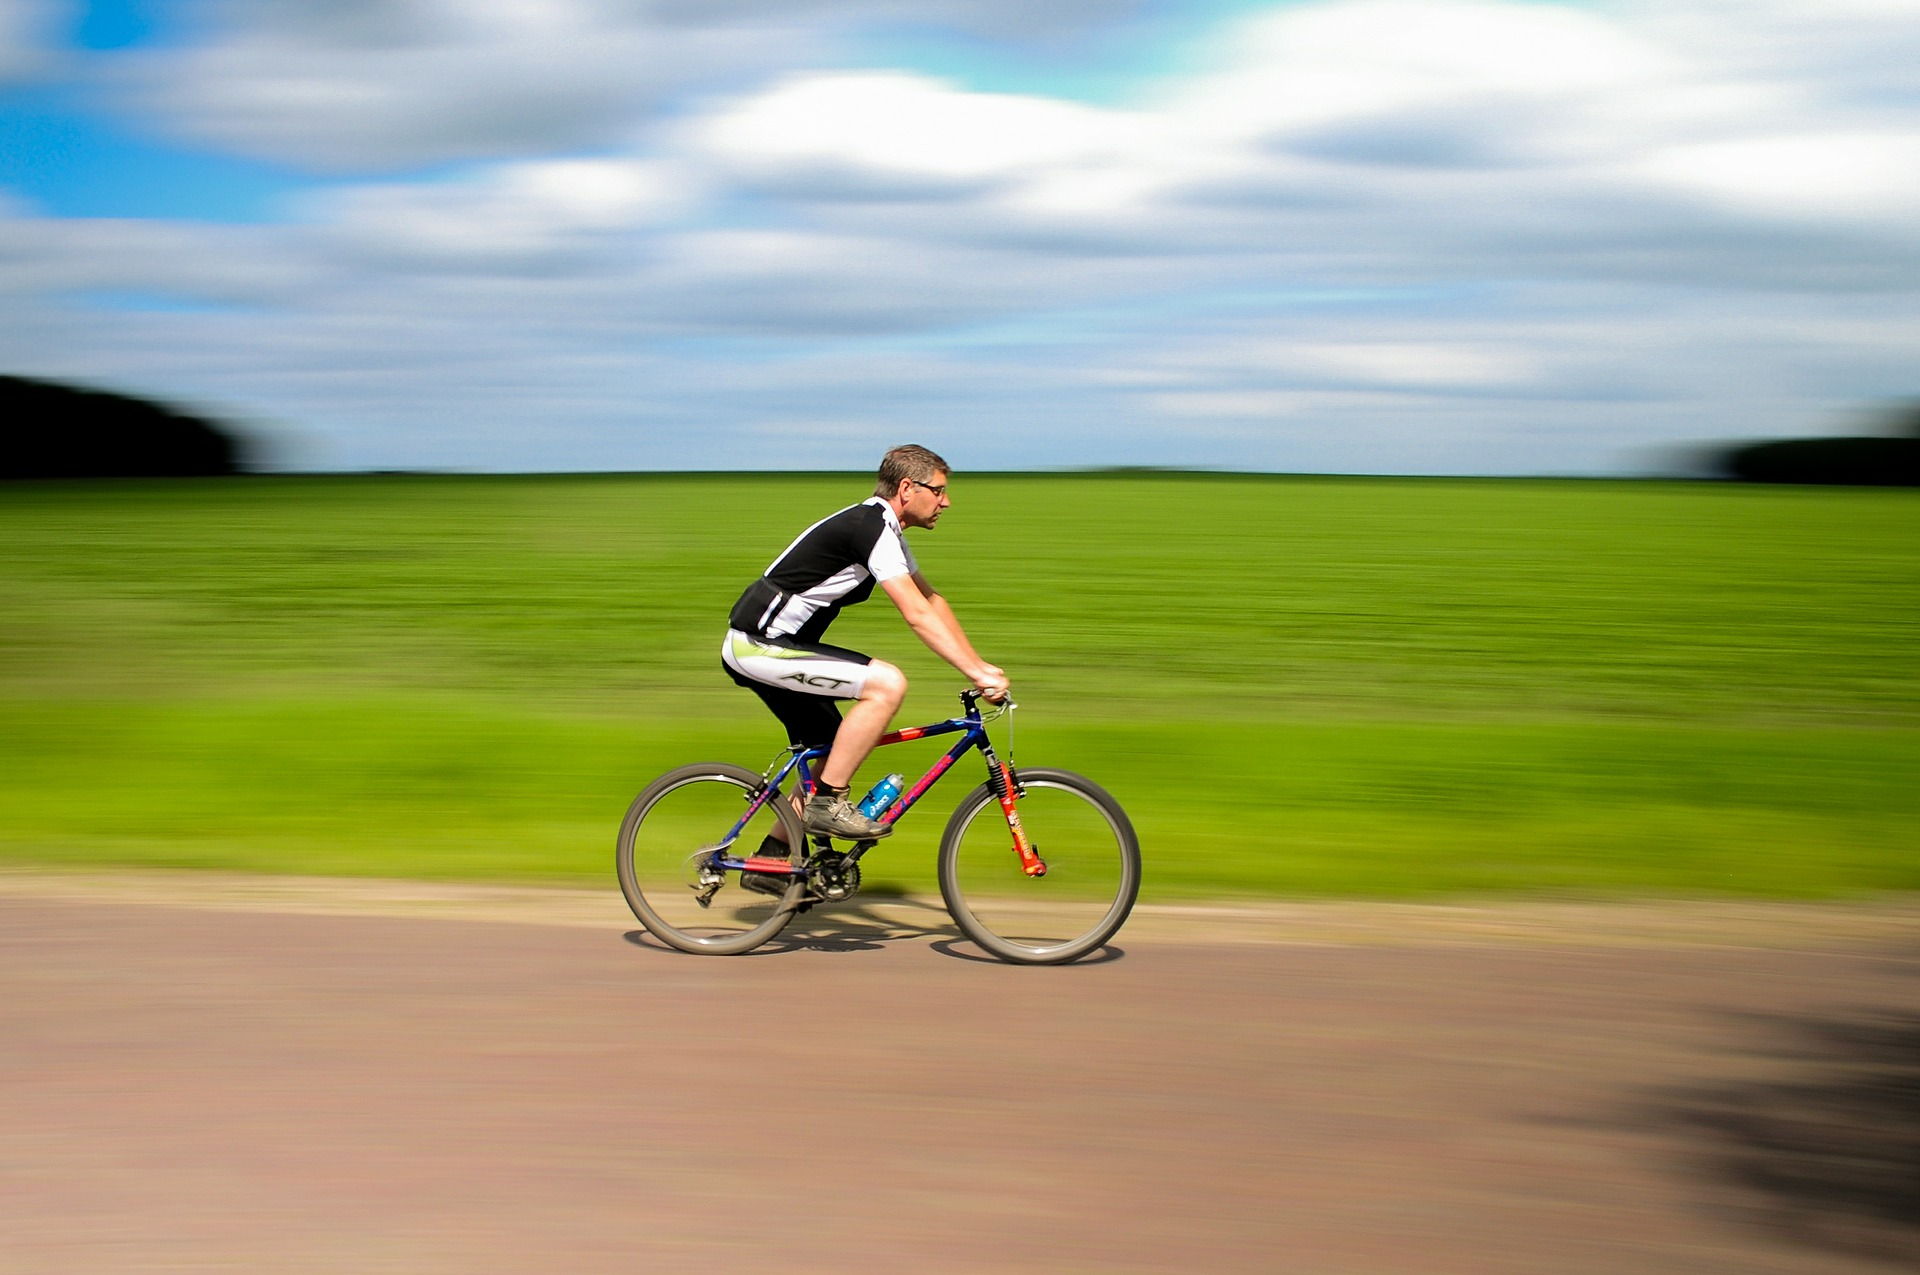 Čo by nemalo chýbať vo výbave žiadneho cyklistu